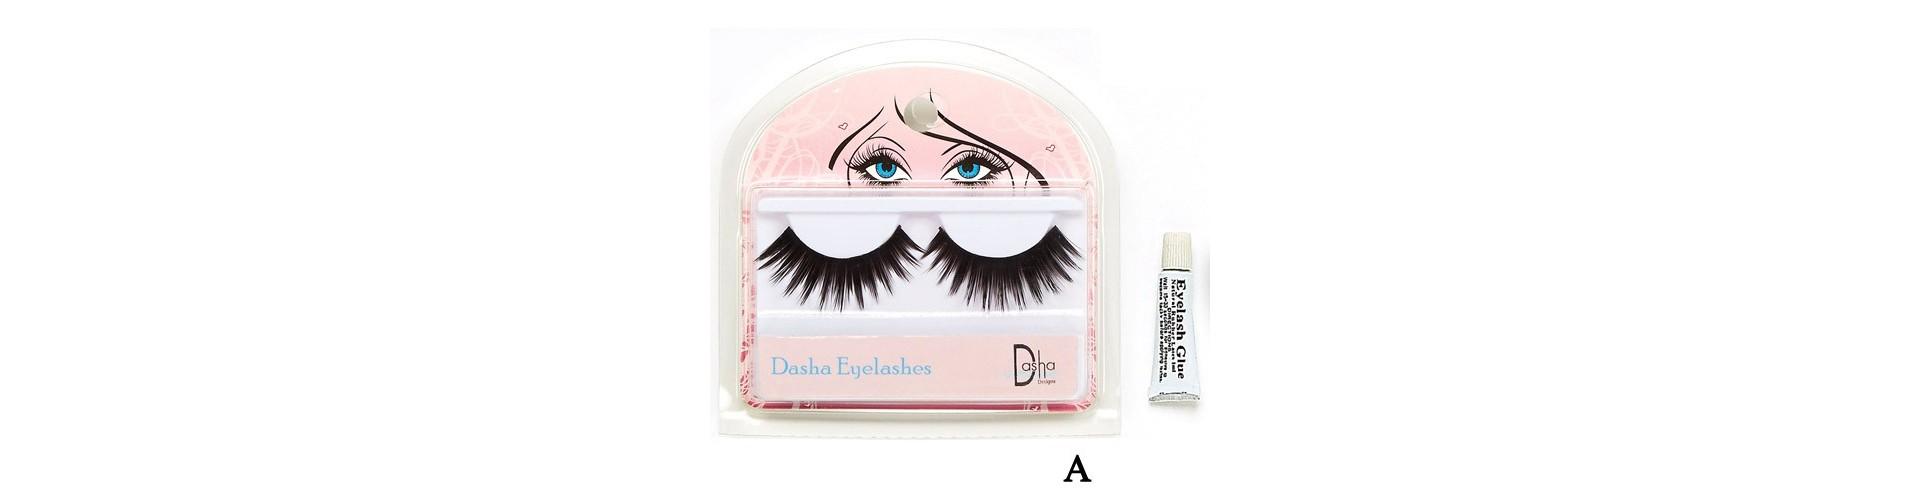 Postiches -Maquillage - Serviettes